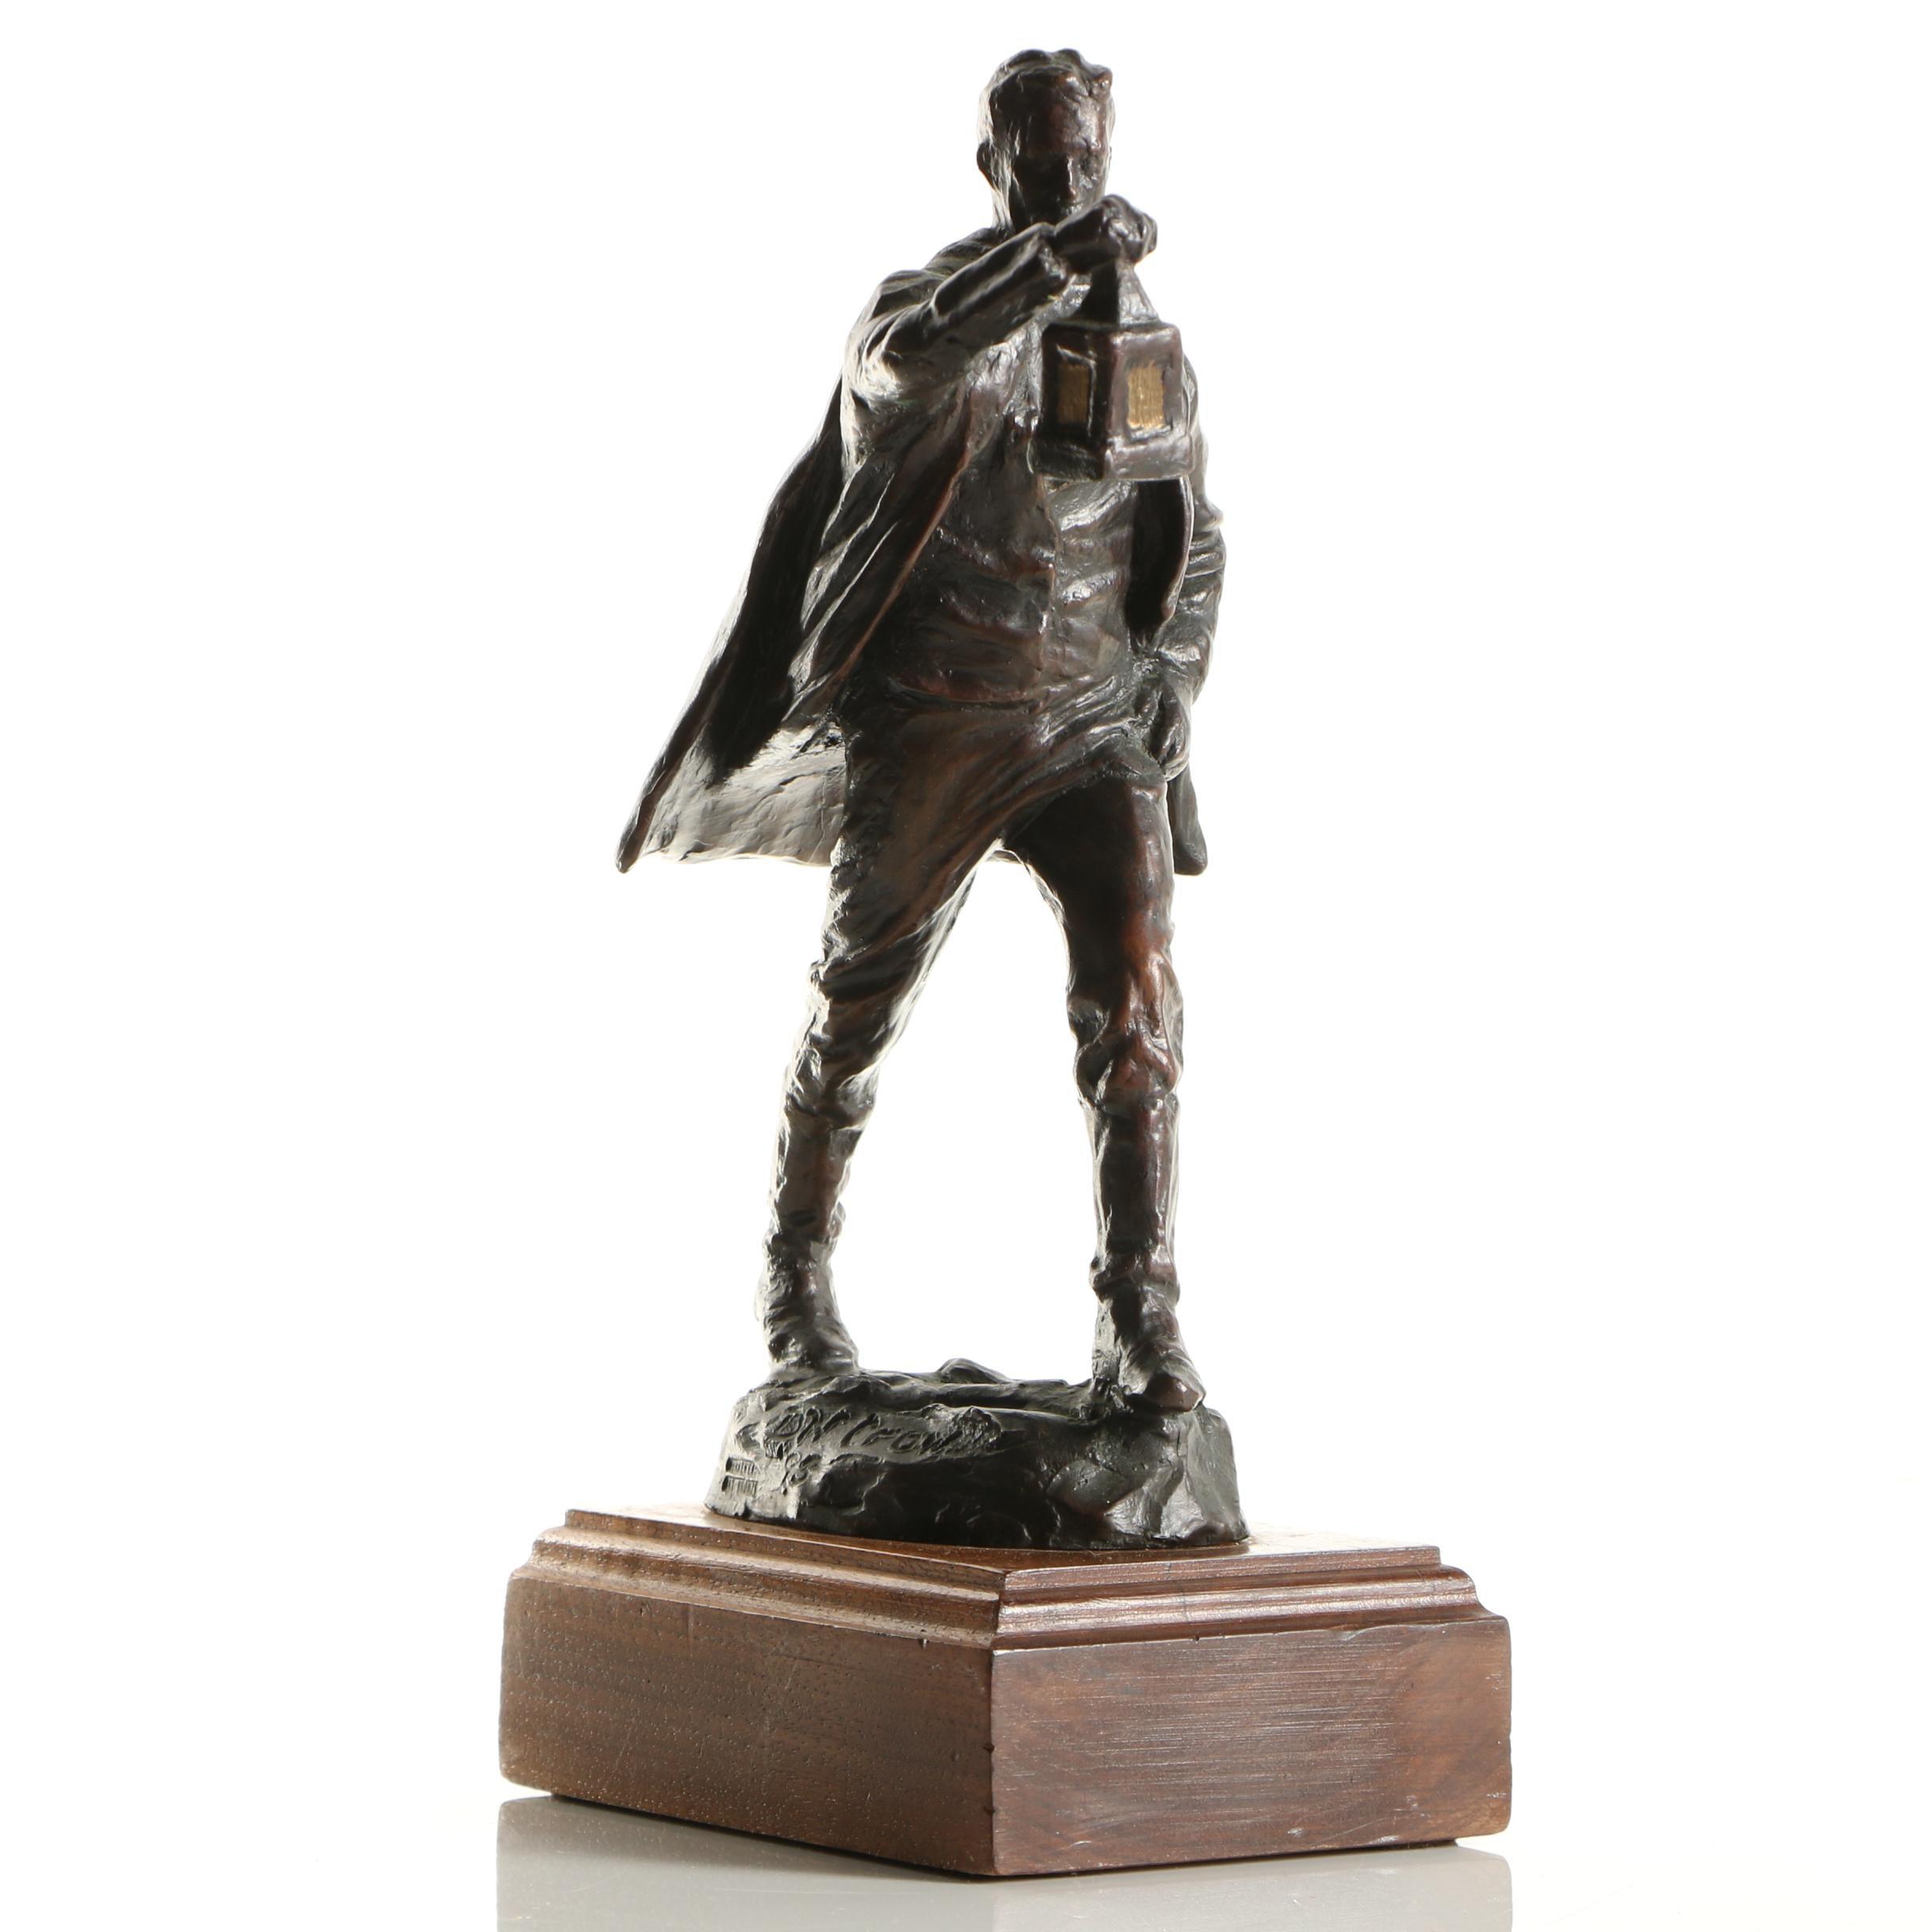 Cast Copper Sculpture After D. W. Crow